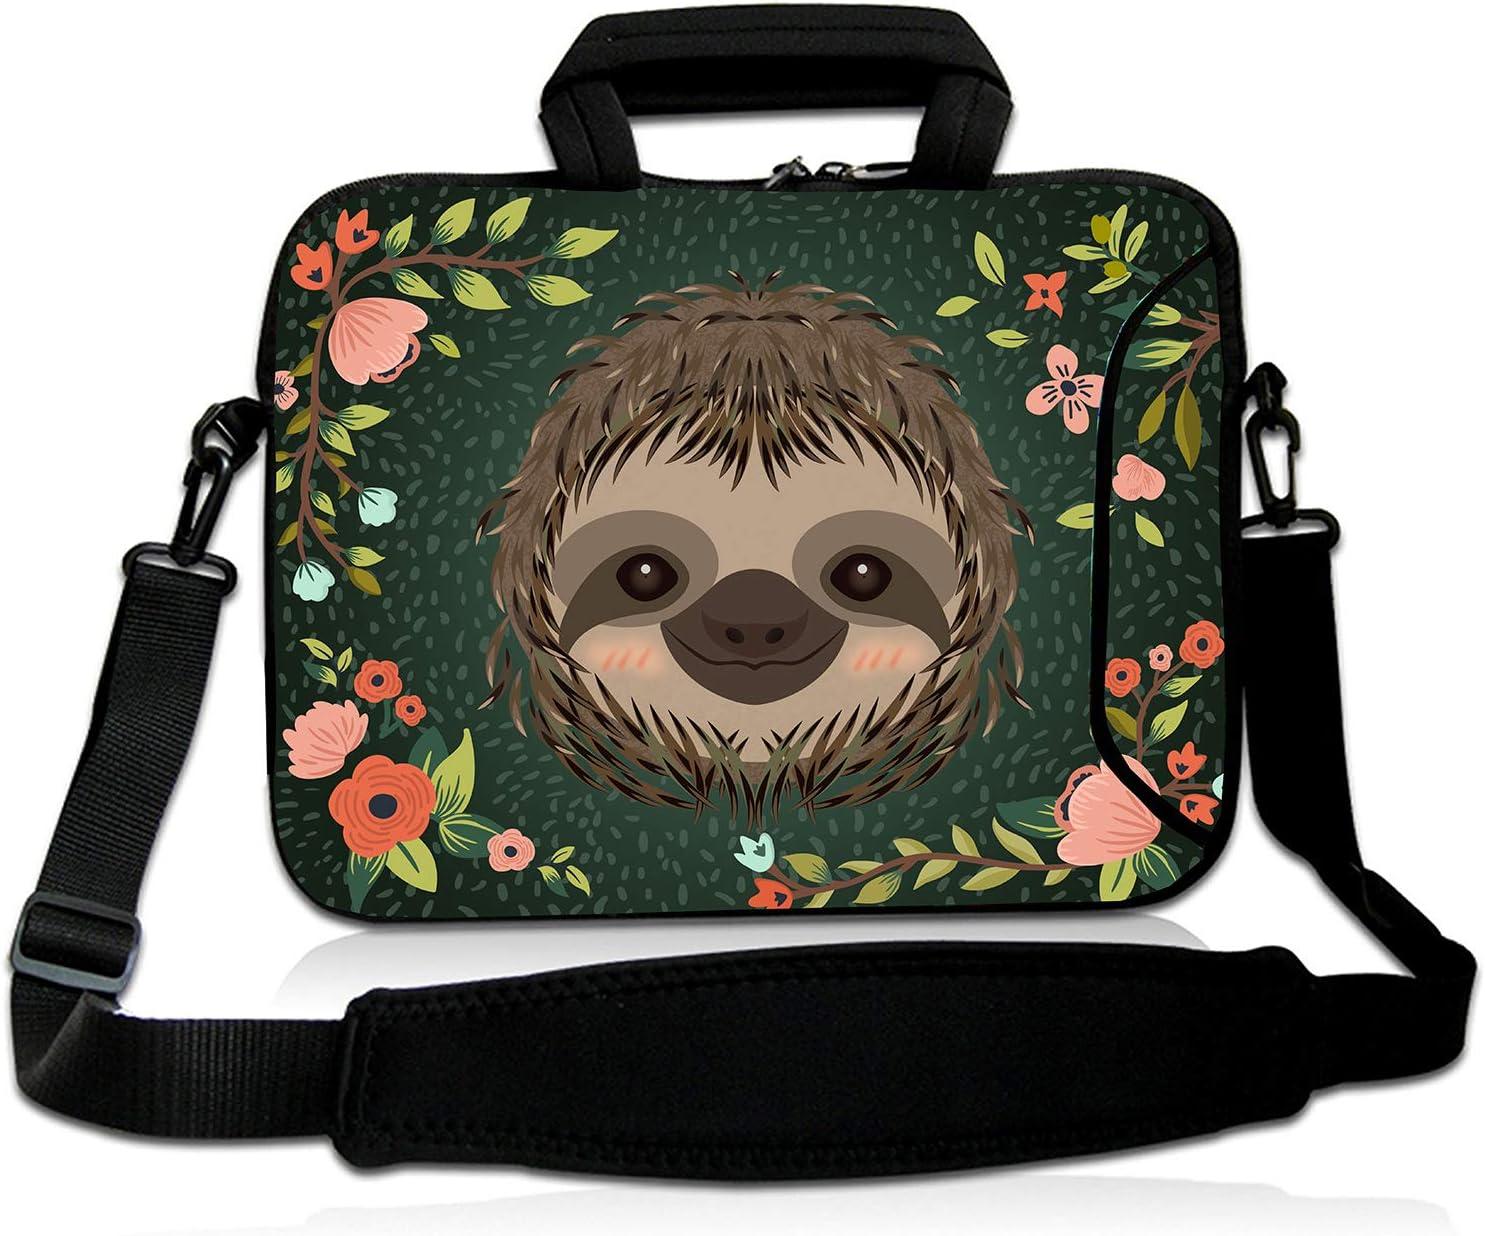 """Violet Mist 13""""15""""15.6""""Neoprene Laptop Sleeve Bag Waterproof Sleeve Case Briefcase Pouch Bag Adjustable Shoulder Strap External Pocket for Men Women(11""""12""""13""""-13.3"""",Sloth Flower)"""